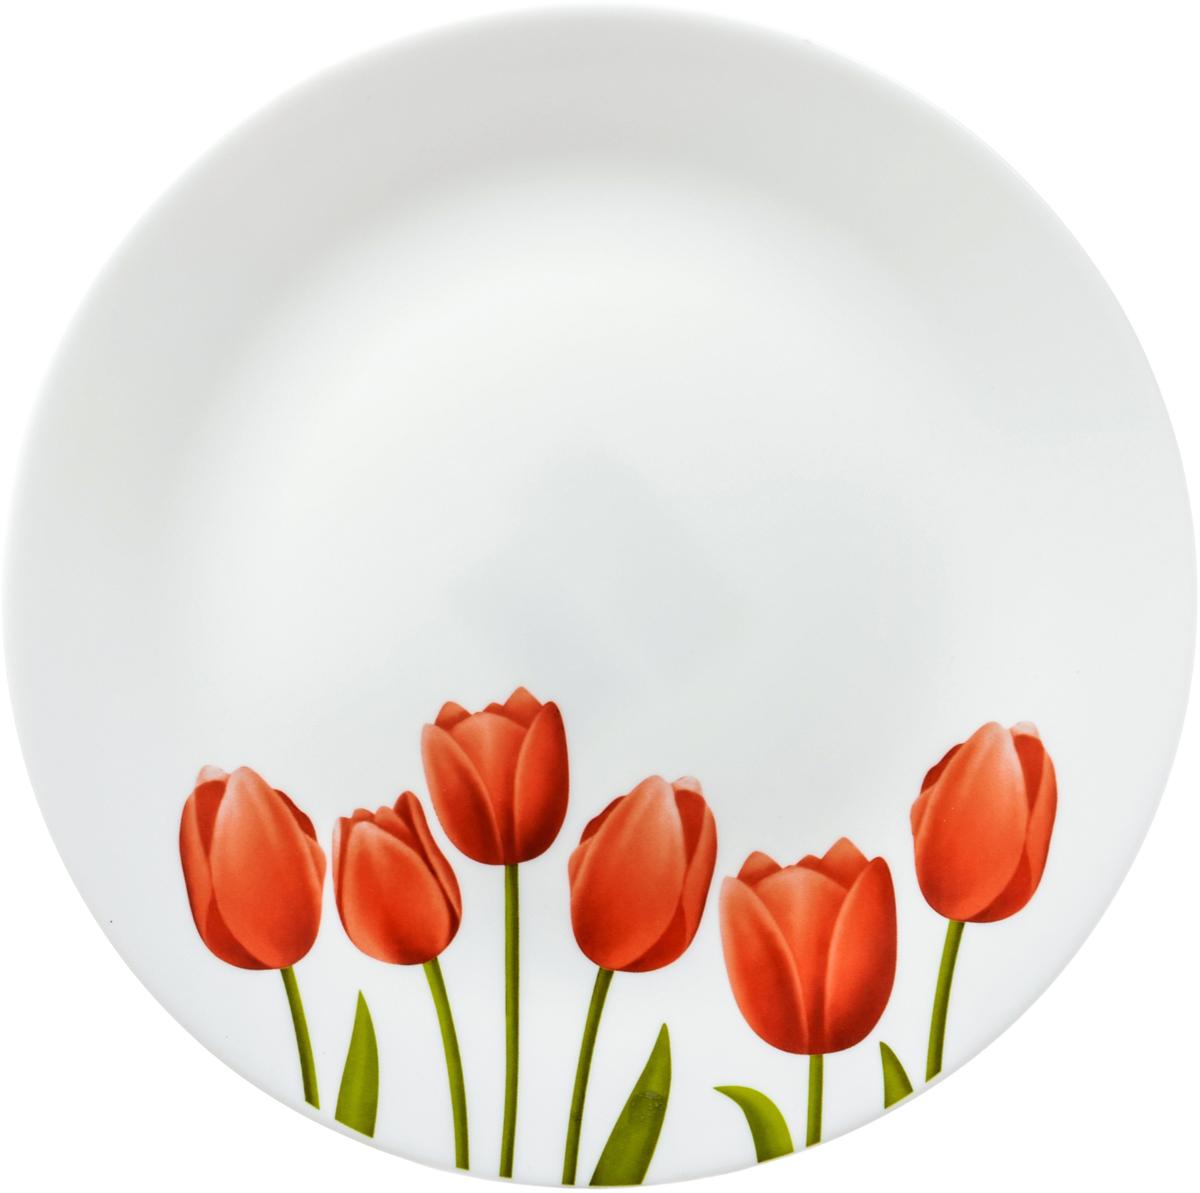 Тарелка La Opala Тюльпаны, диаметр 26,7 смOPTG001В 18 веке купец и гончар из Бристоля изобрел способ производства опалового непрозрачного стекла, оттенком напоминающего фарфор или эмаль и имеющего приятную бархатистую поверхность. Вплоть до начала 20 века его так и называли – бристольским опаловым стеклом.Сегодня считаются синонимами названия опаловое и молочное стекло. Неизменно одно: оставаясь по сути своей стеклом, опаловое или молочное стекло отличается от обычного наличием в составе специальных химических добавок – так называемых глушителей, изменяющих оптические свойства стекла. После формования конечной формы предмета и дополнительного нагрева (закаливания) до температуры свыше 4000°С (температура размягчения стекла) эти дополнительные добавки образуют ядра кристаллизации, которые вырастают в кристаллы, полностью заполняющие все мельчайшие пространства. Посуда из опалового стекла обладает рядом преимуществ по сравнению с традиционной посудой из обычного стекла или фарфора. Во-первых, она очень легкая и гигиенически чистая благодаря отсутствию пор. Во-вторых, обладает повышенной устойчивостью:- к температурному шоку: поверхность стекла не будет лопаться из-за внезапных перепадов температуры;- к ударам: в несколько раз крепче стандартного стекла;- к износу: имеет высокую износоустойчивость.Именно поэтому опаловое стекло не боится царапин, обладает повышенной ударопрочностью. Посуду из опалового стекла можно мыть в посудомоечных машинах и готовить в нем пищу в микроволновой печи. В-третьих, опаловое стекло необычайно яркое. На гладкую поверхность посуды из опалового стекла отлично наносятся декоративные краски. Физико-химический состав опалового стекла позволяет краскам переливаться, из-за чего создаются сверкающие оттенки а-ля опал.